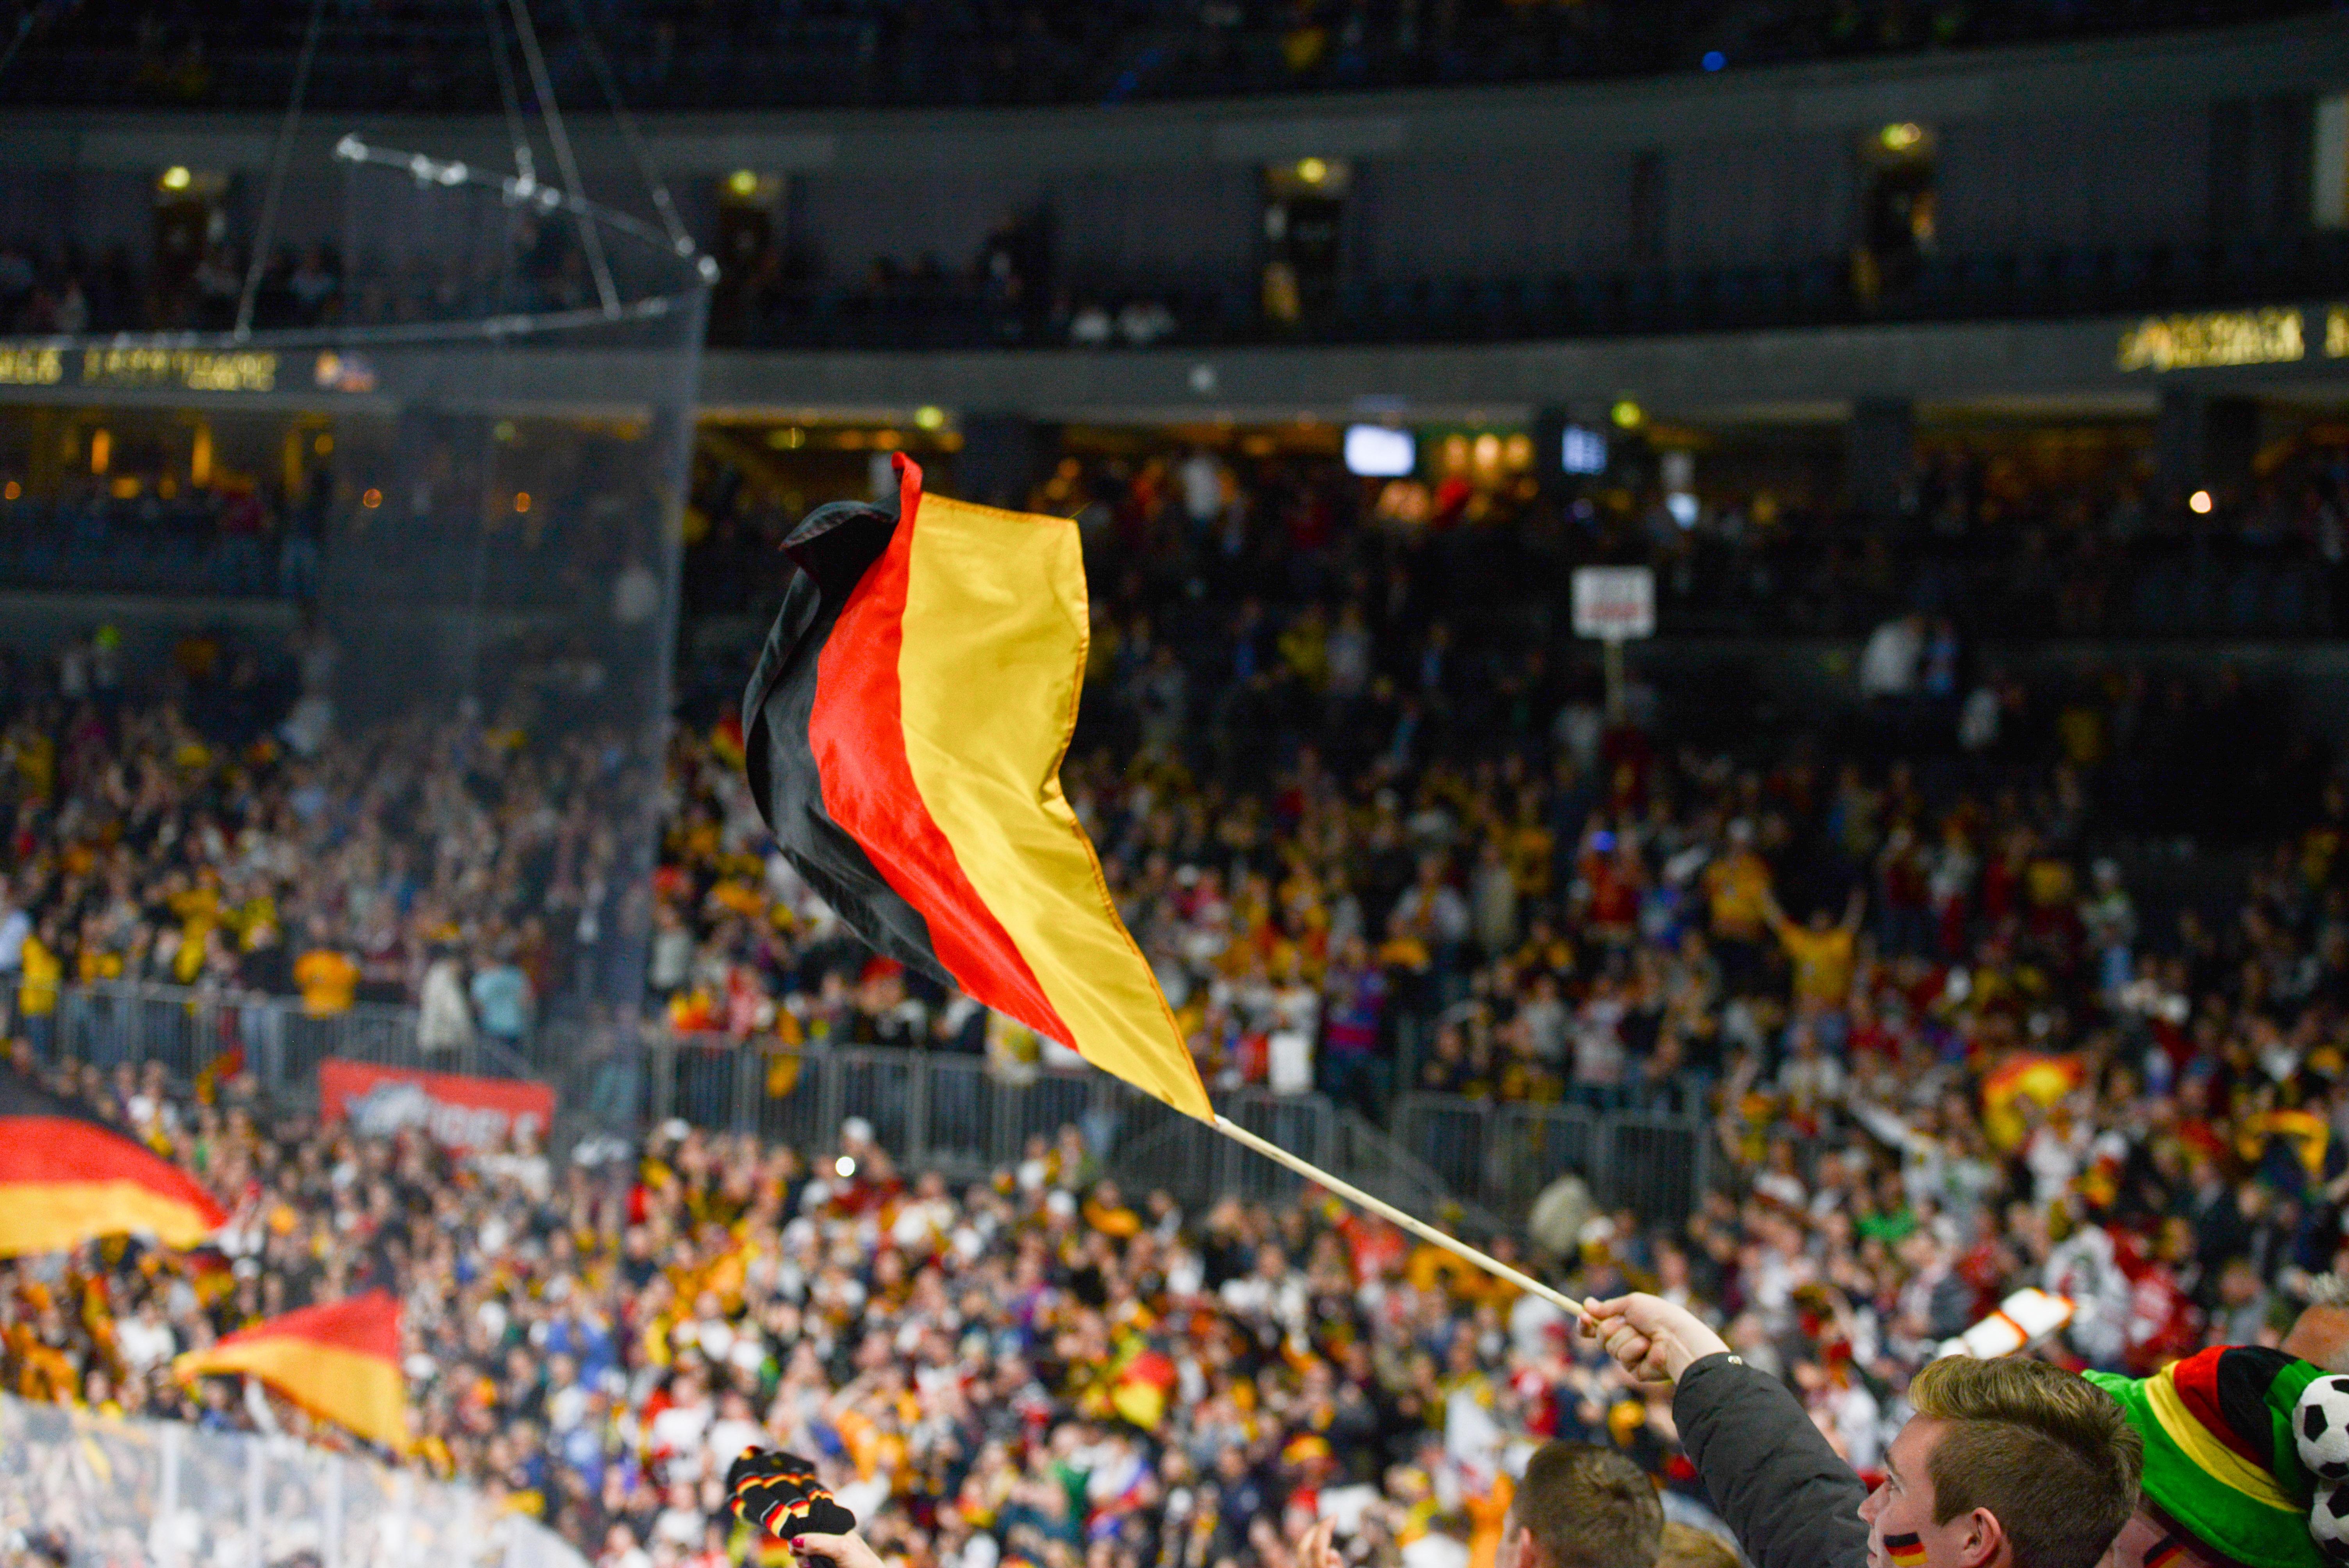 Fahne Banner 2018 Ice Hockey World Championship Denmark Kopenhagen Herning # 17 Sport Memorabilia